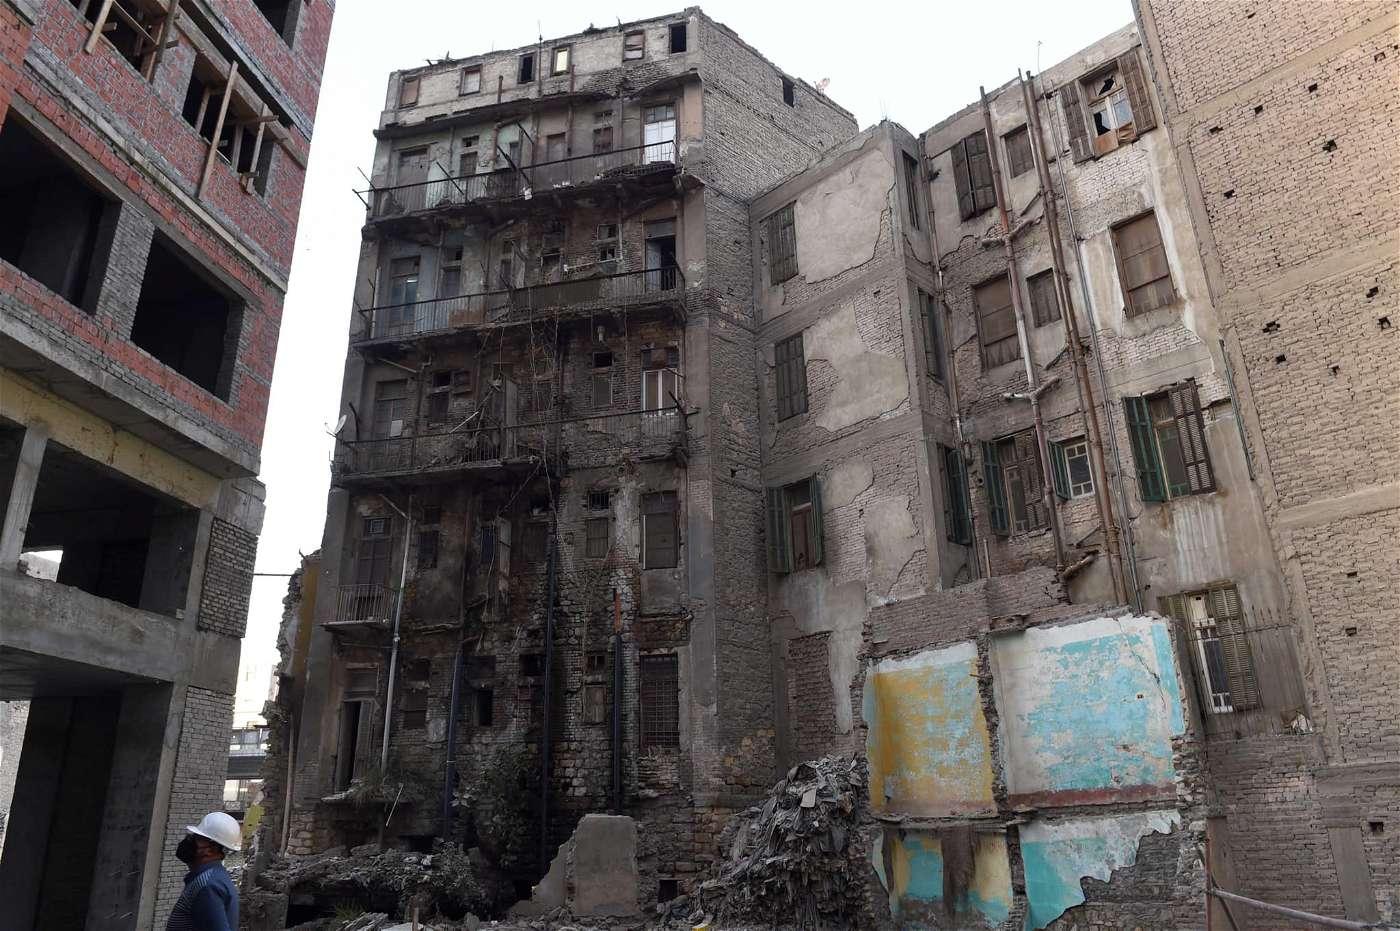 الذين يتباكون علي عمارات ماسبيرو الثمانية: تعالوا اتفرجوا على المداخل والشكل الخارجي